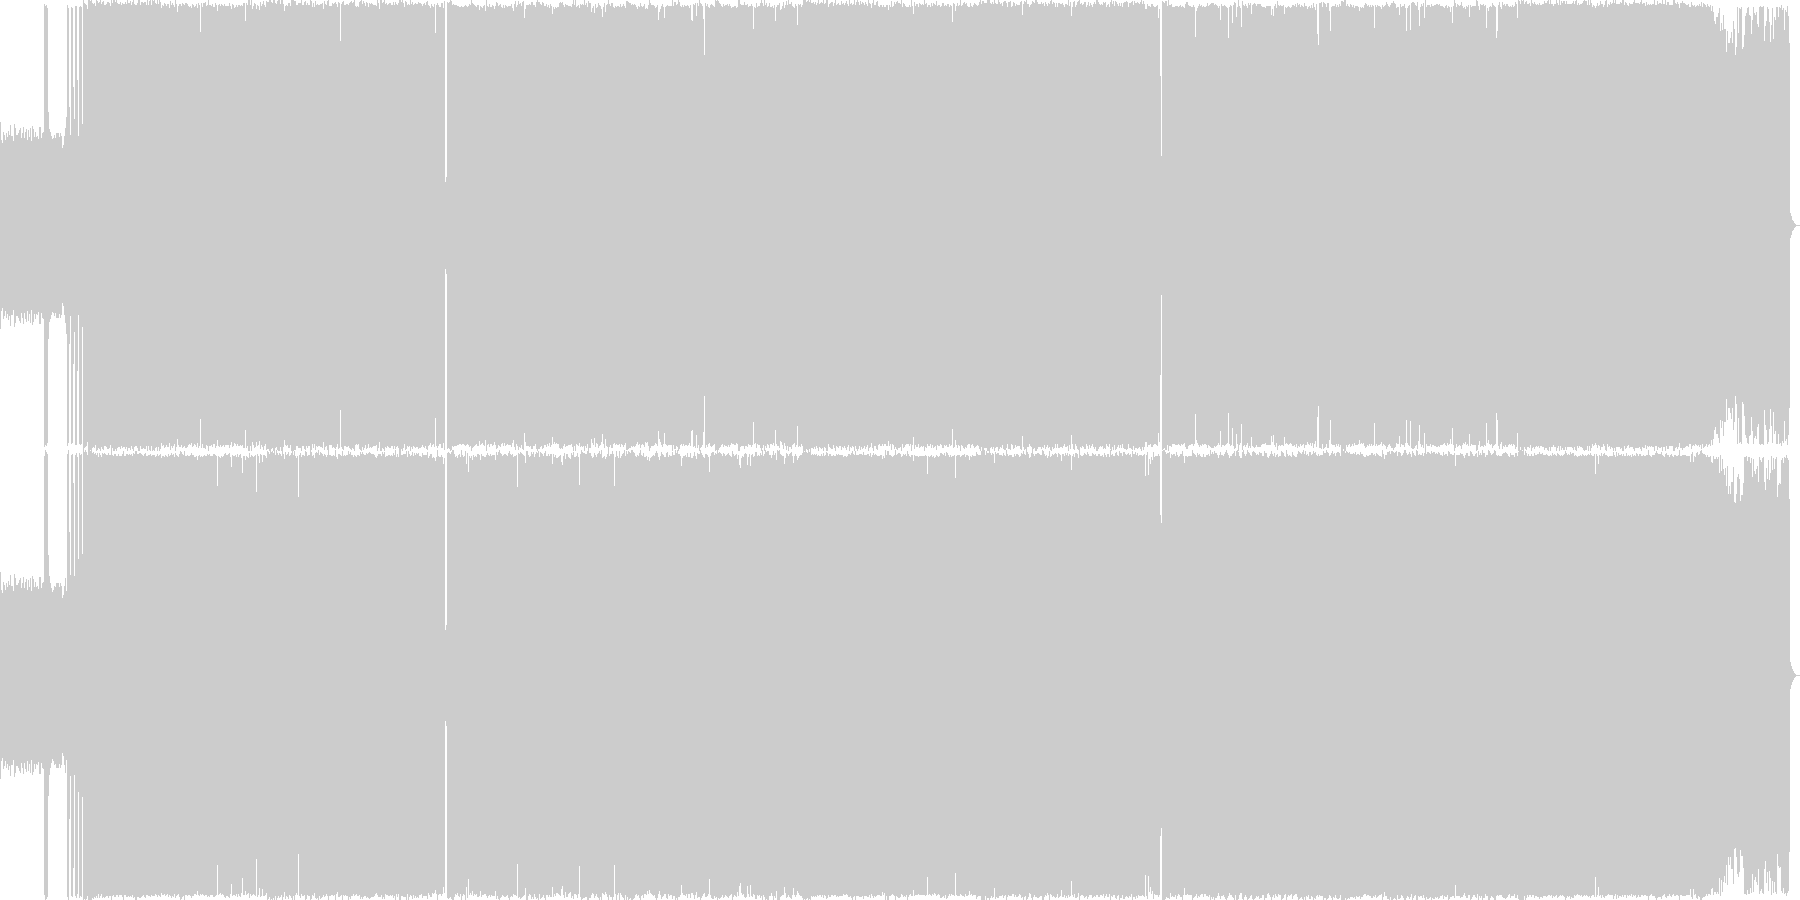 激しいシャウトのスラッシュメタルの未再生の波形